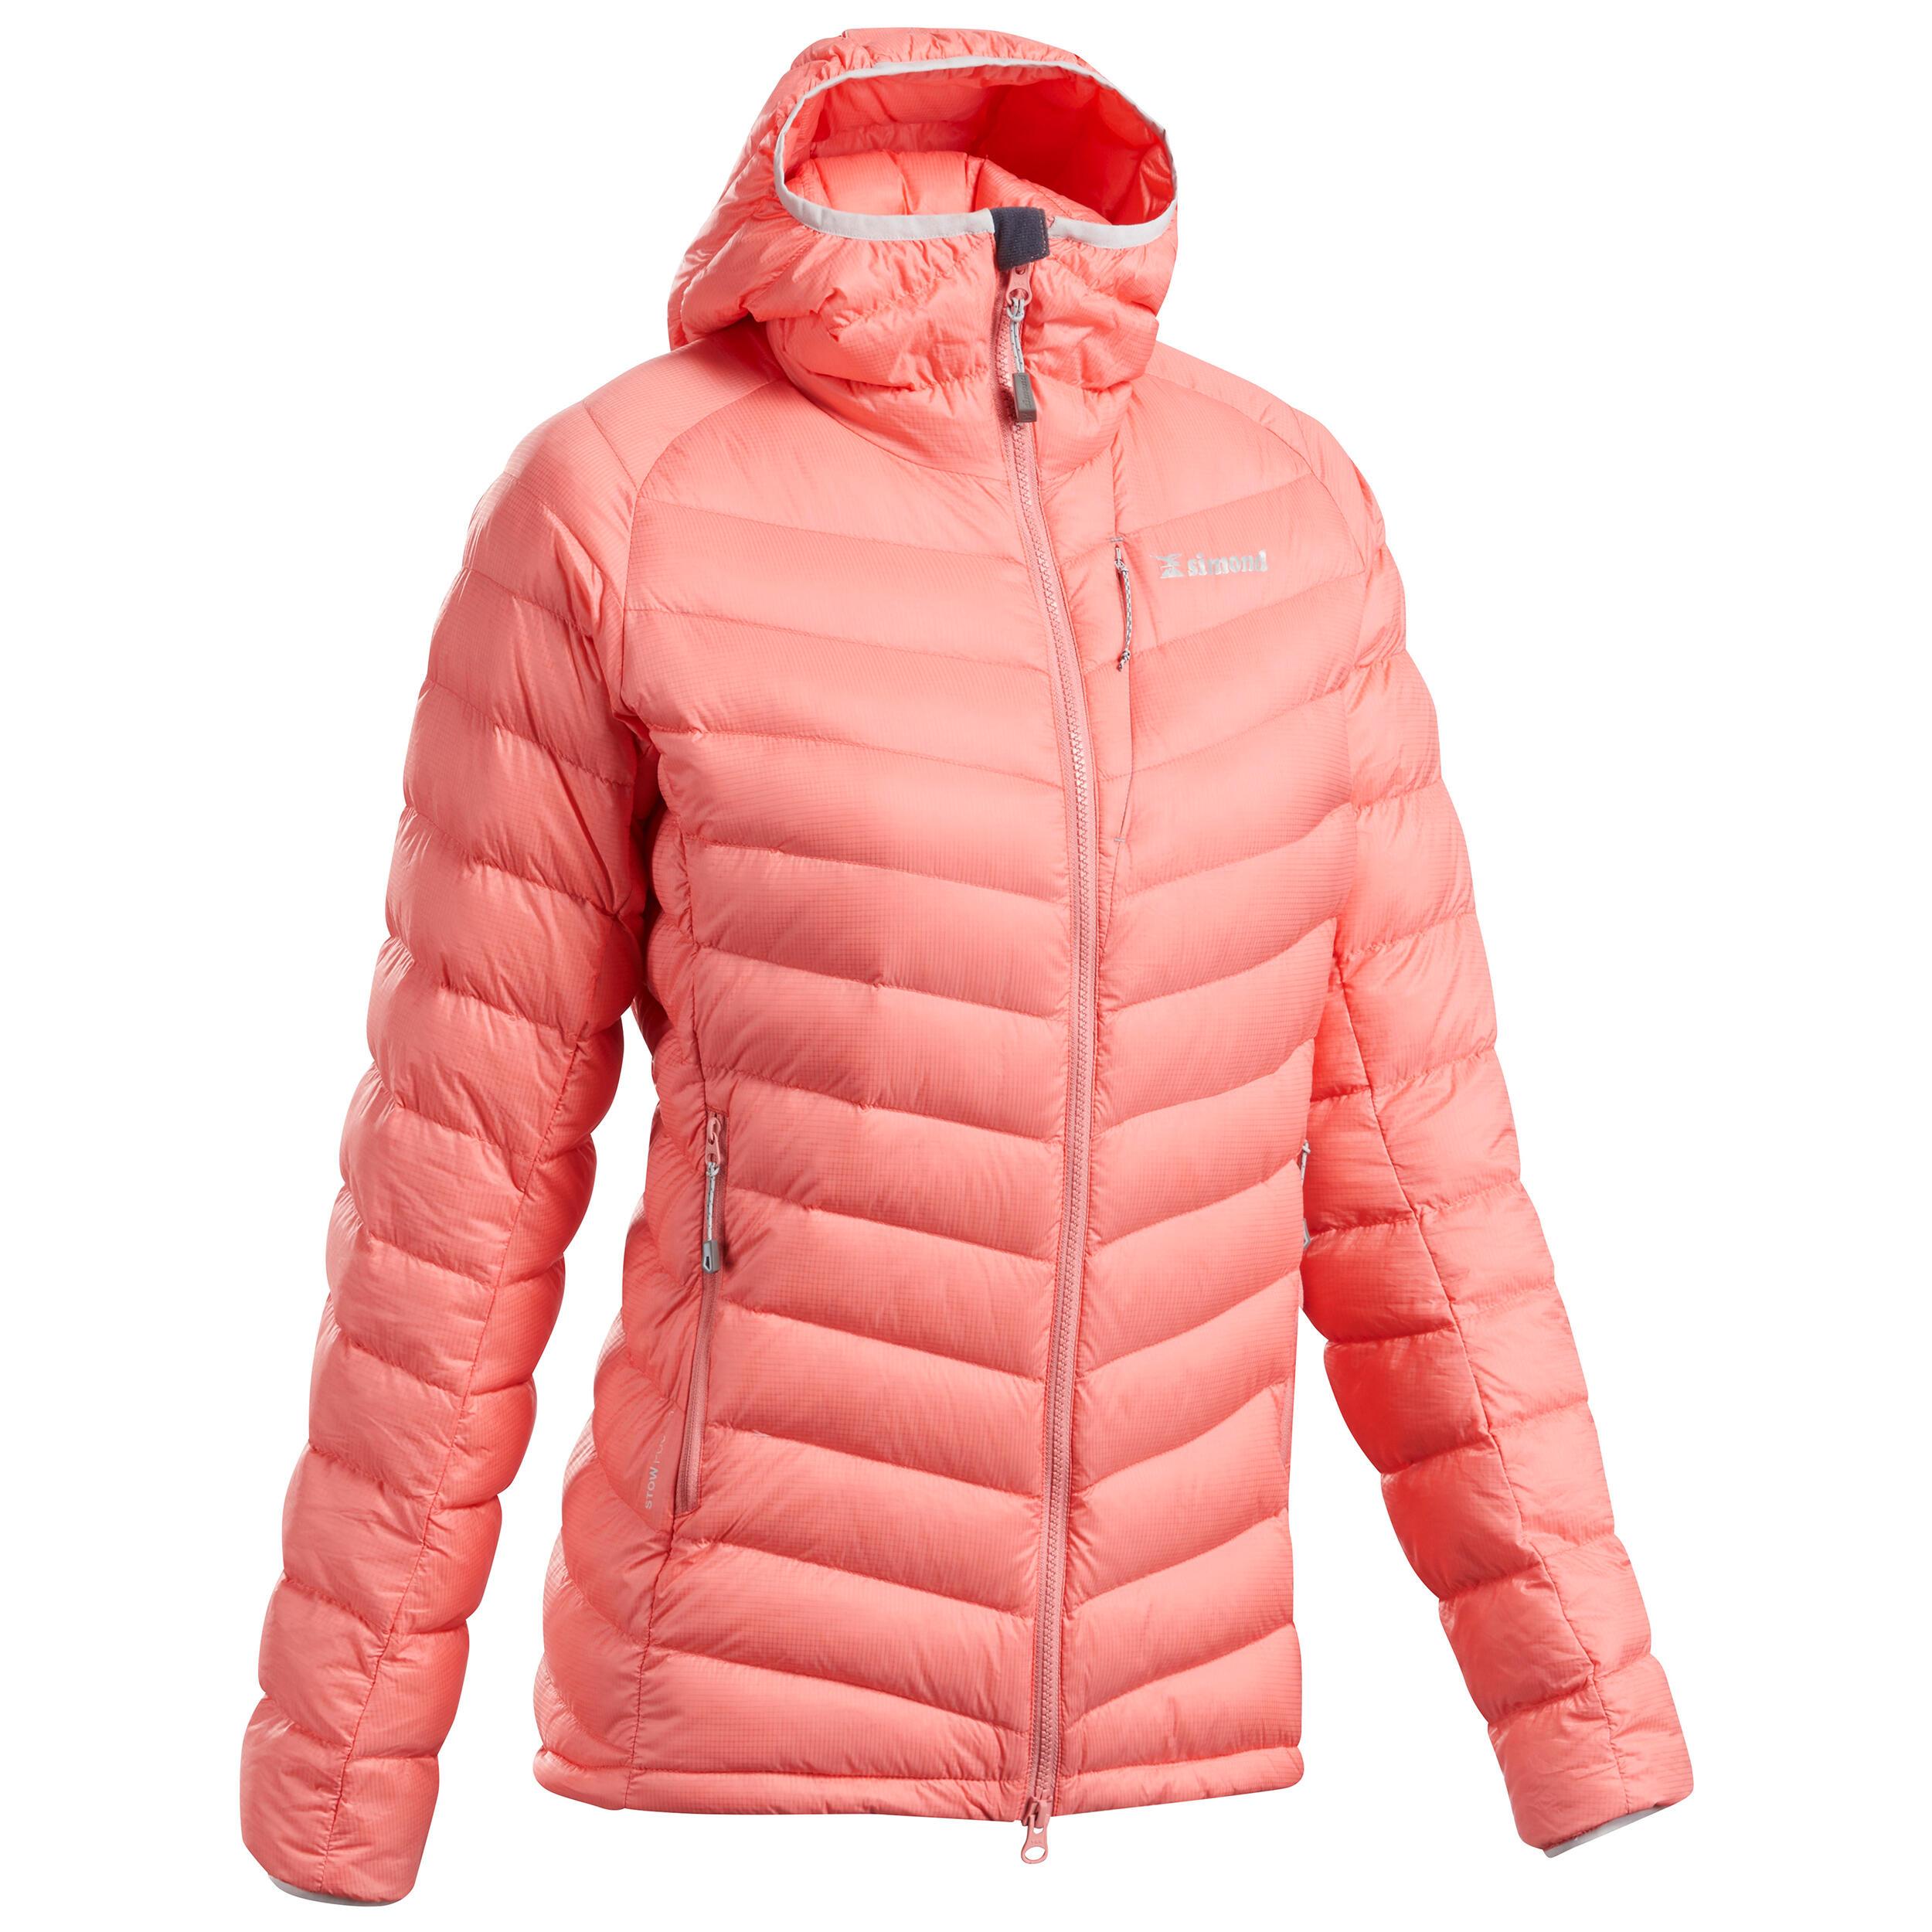 Jachetă Puf Light damă